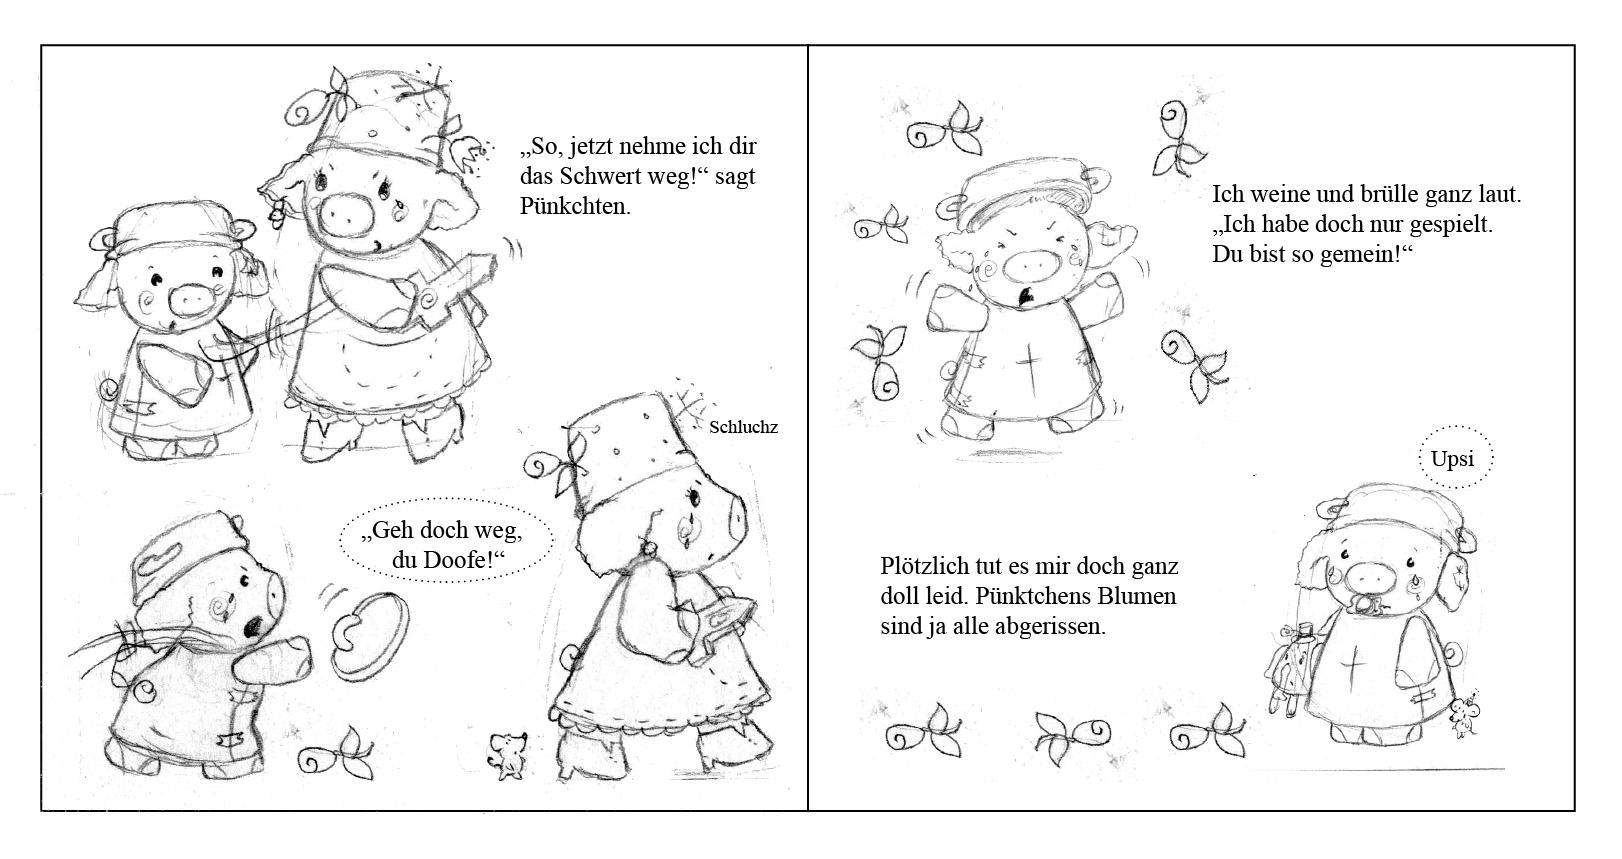 Pelle_und_Pünktchen_streiten_2.jpg